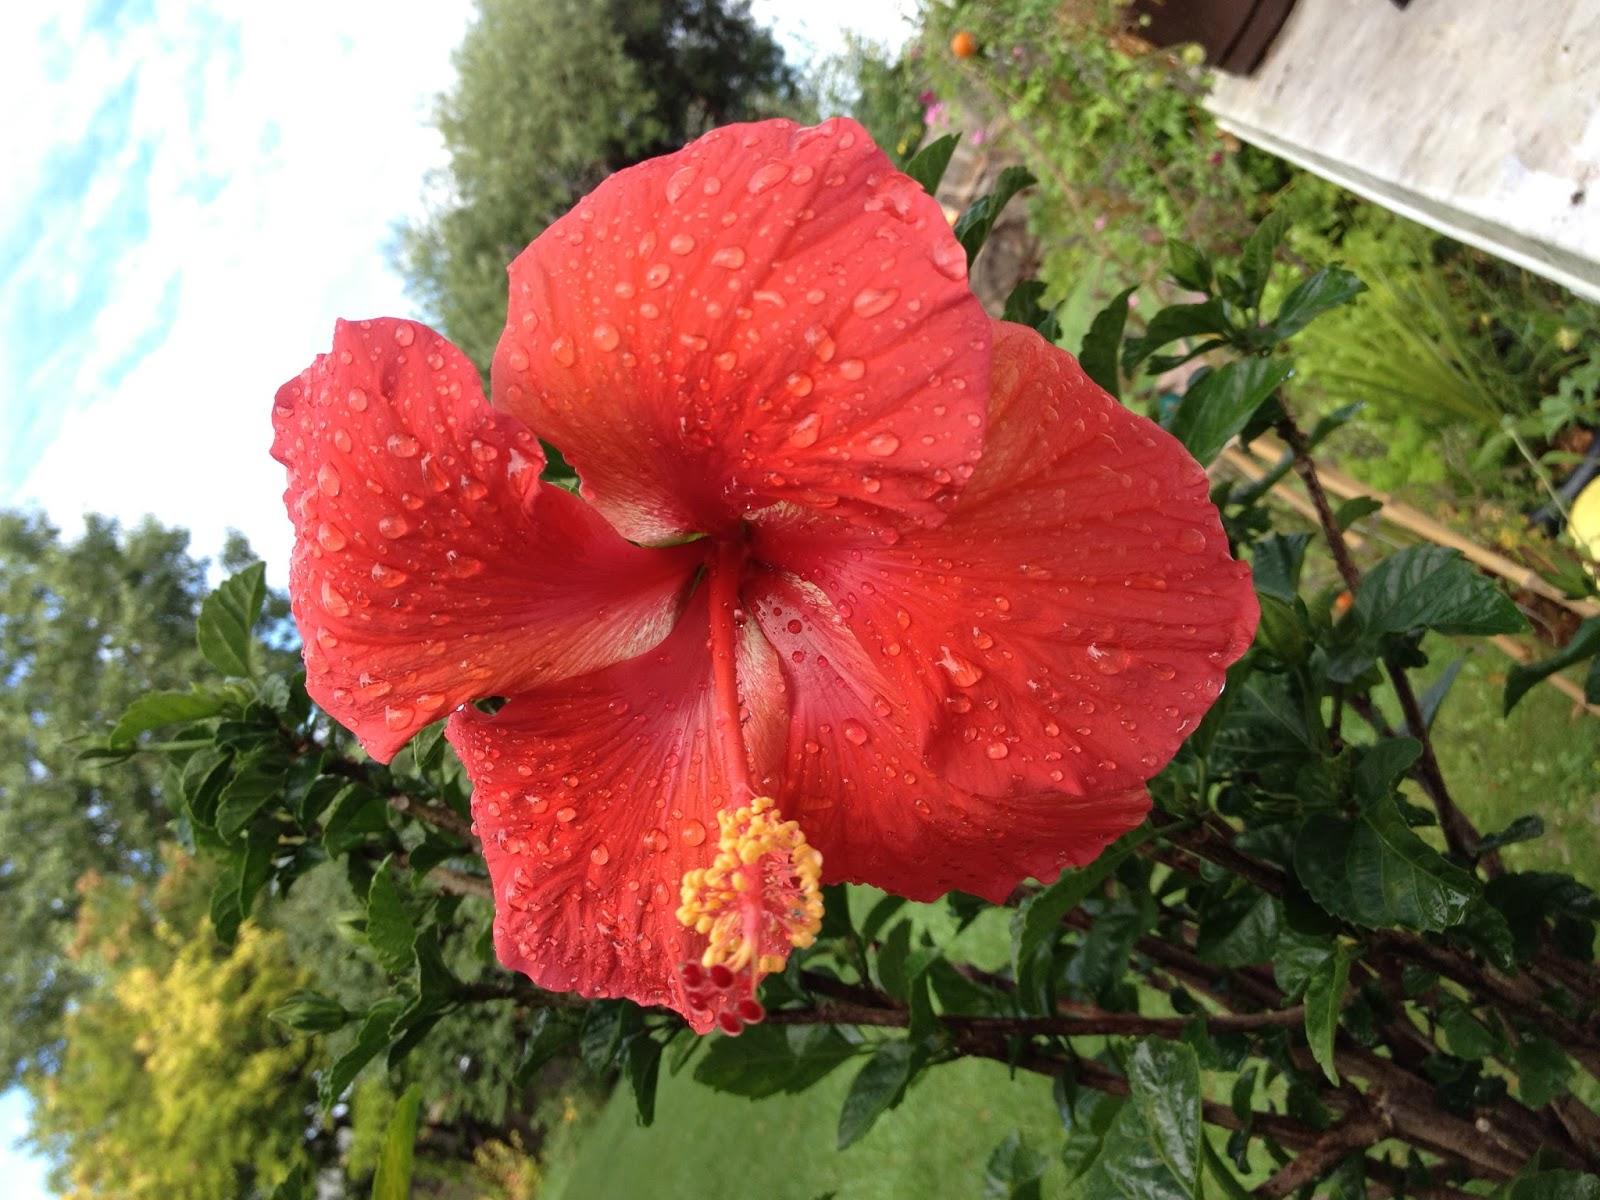 Tammys Craft Emporium Hibiscus After The Rain